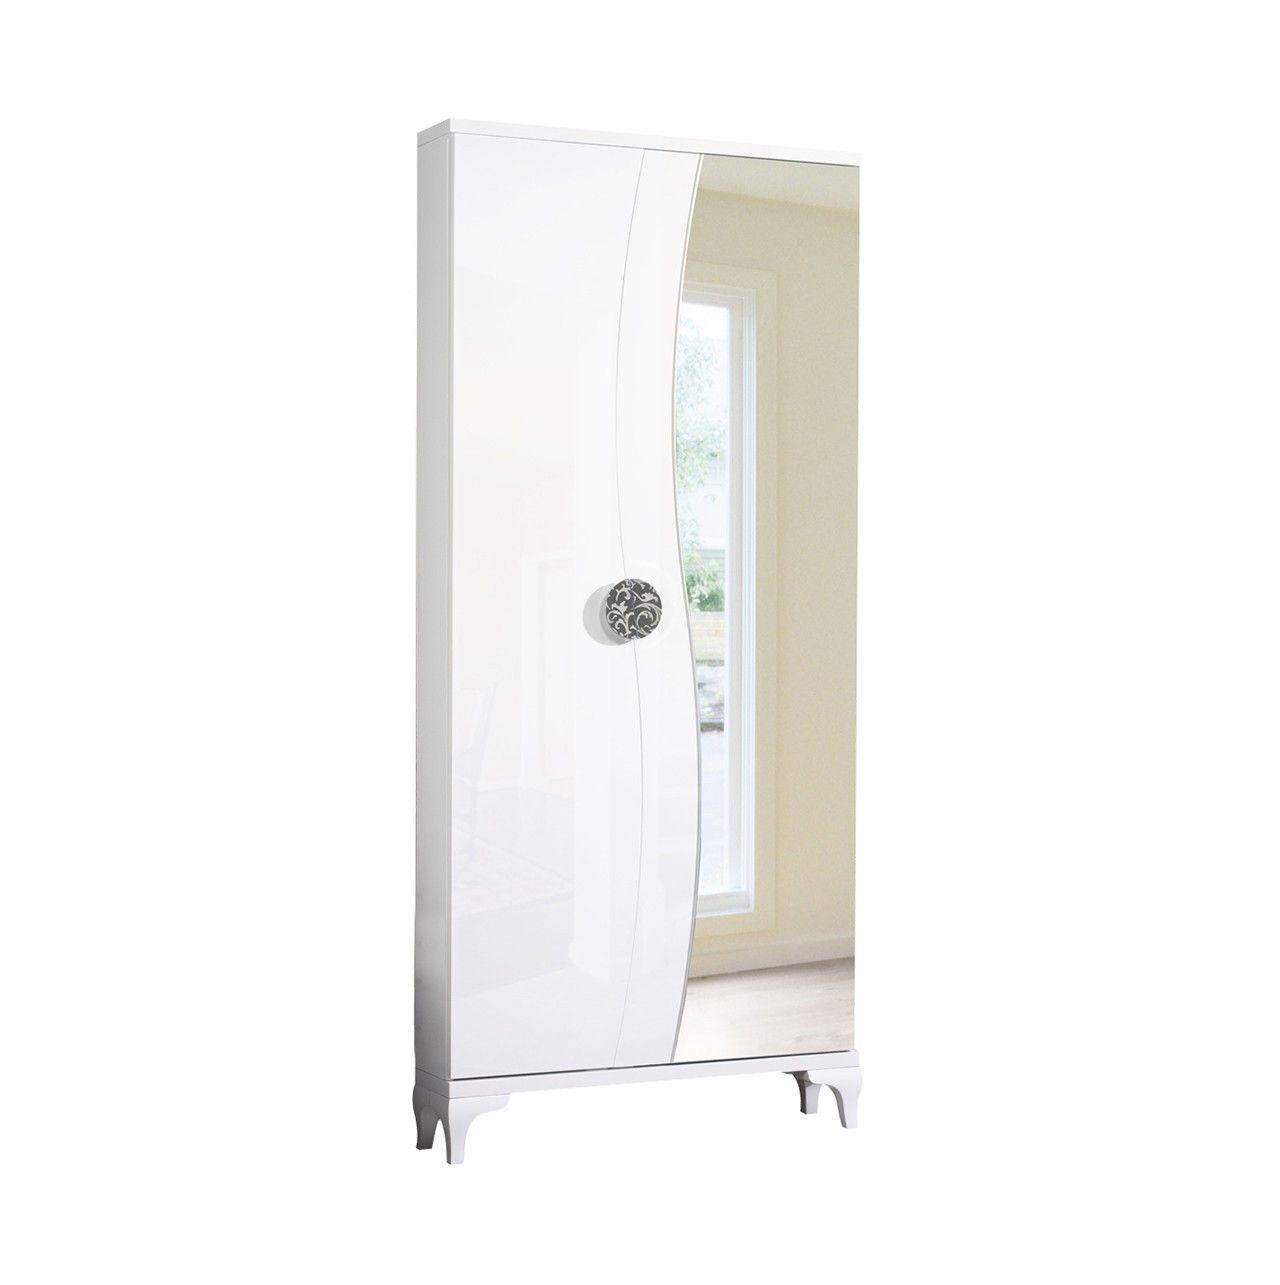 Zapatero vestidor con 2 puertas una de ellas de espejo for Mueble zapatero esquinero